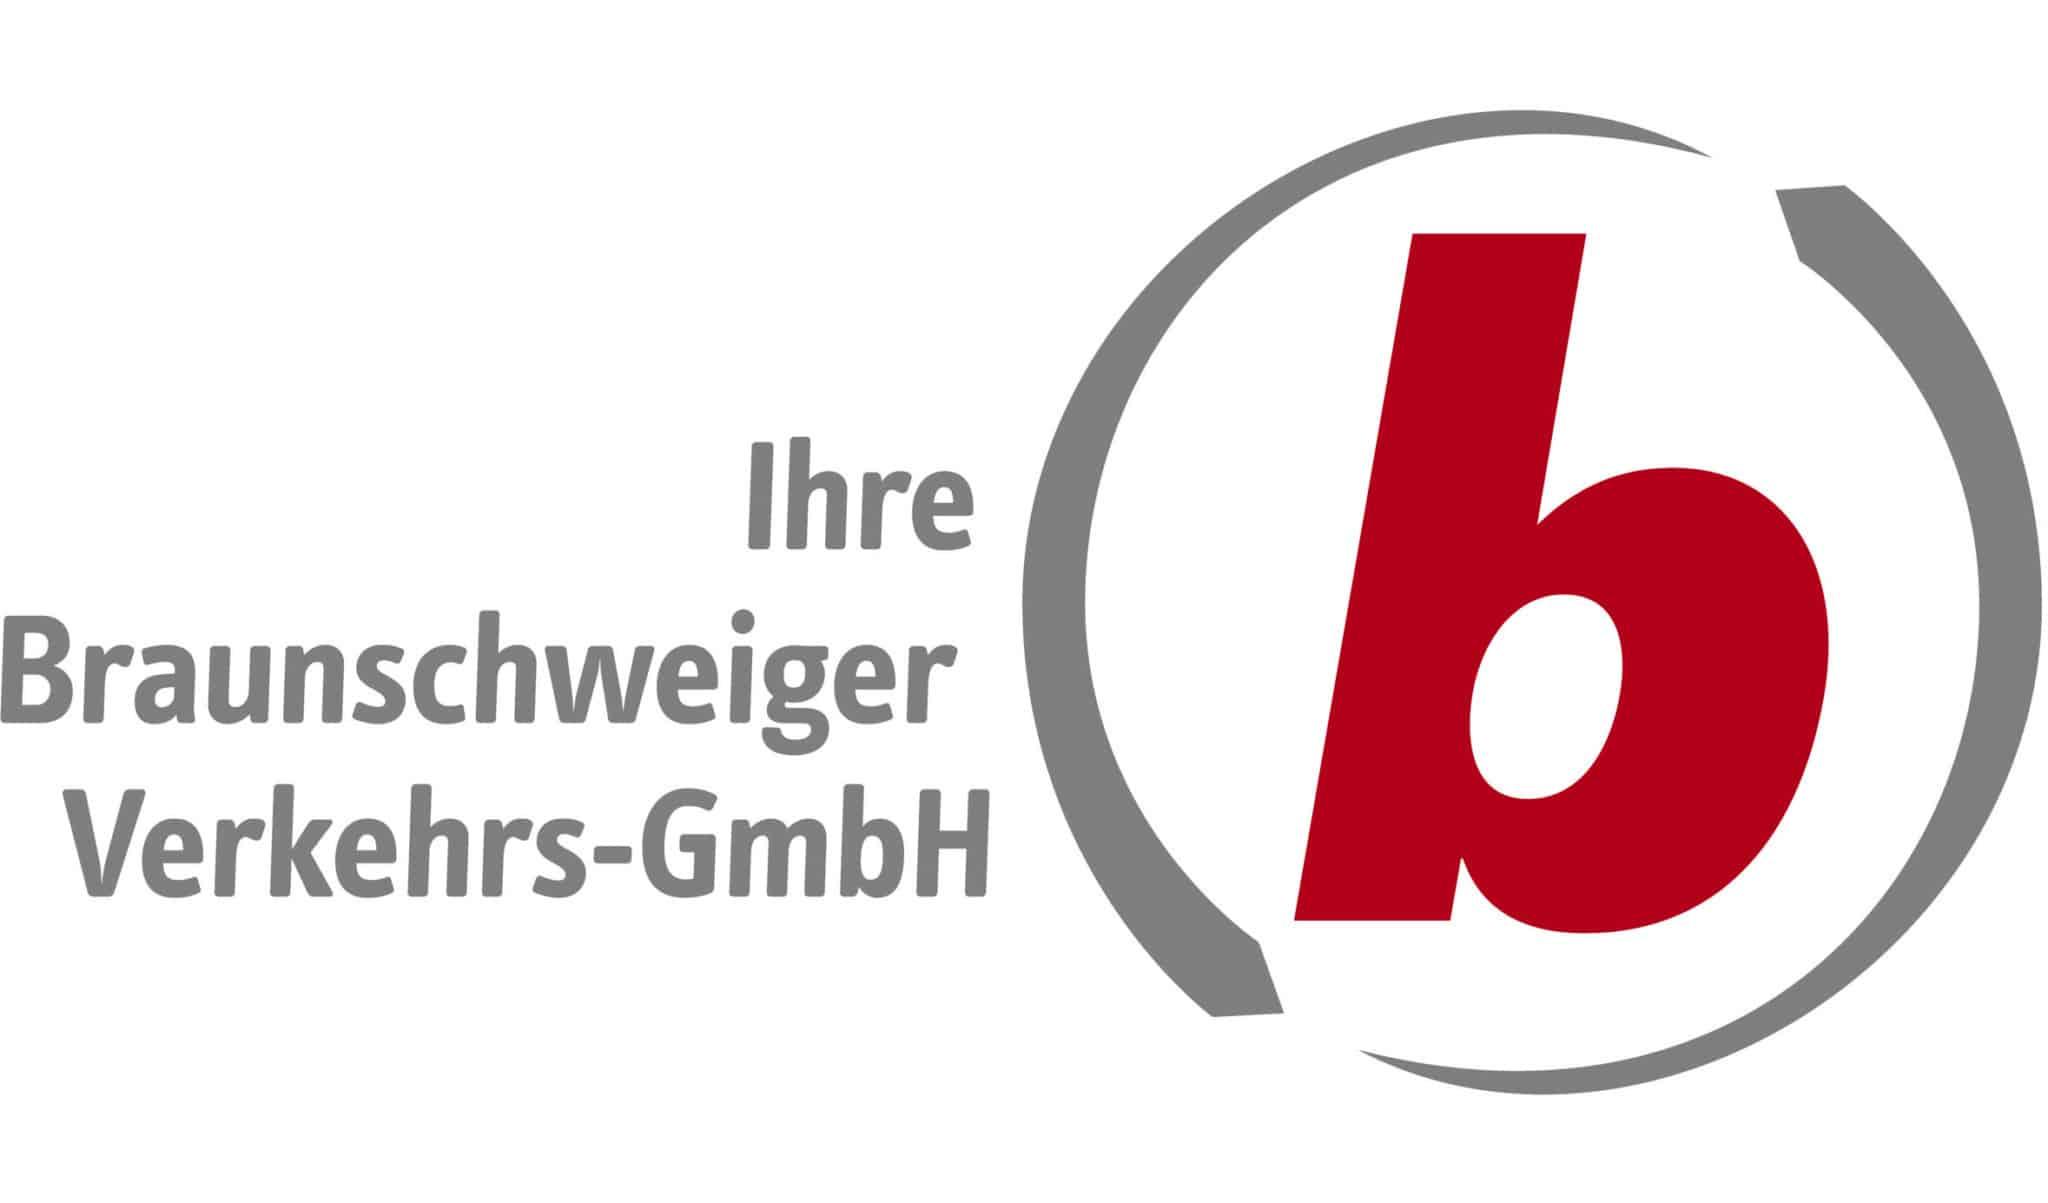 Braunschweiger Verkehrs AG